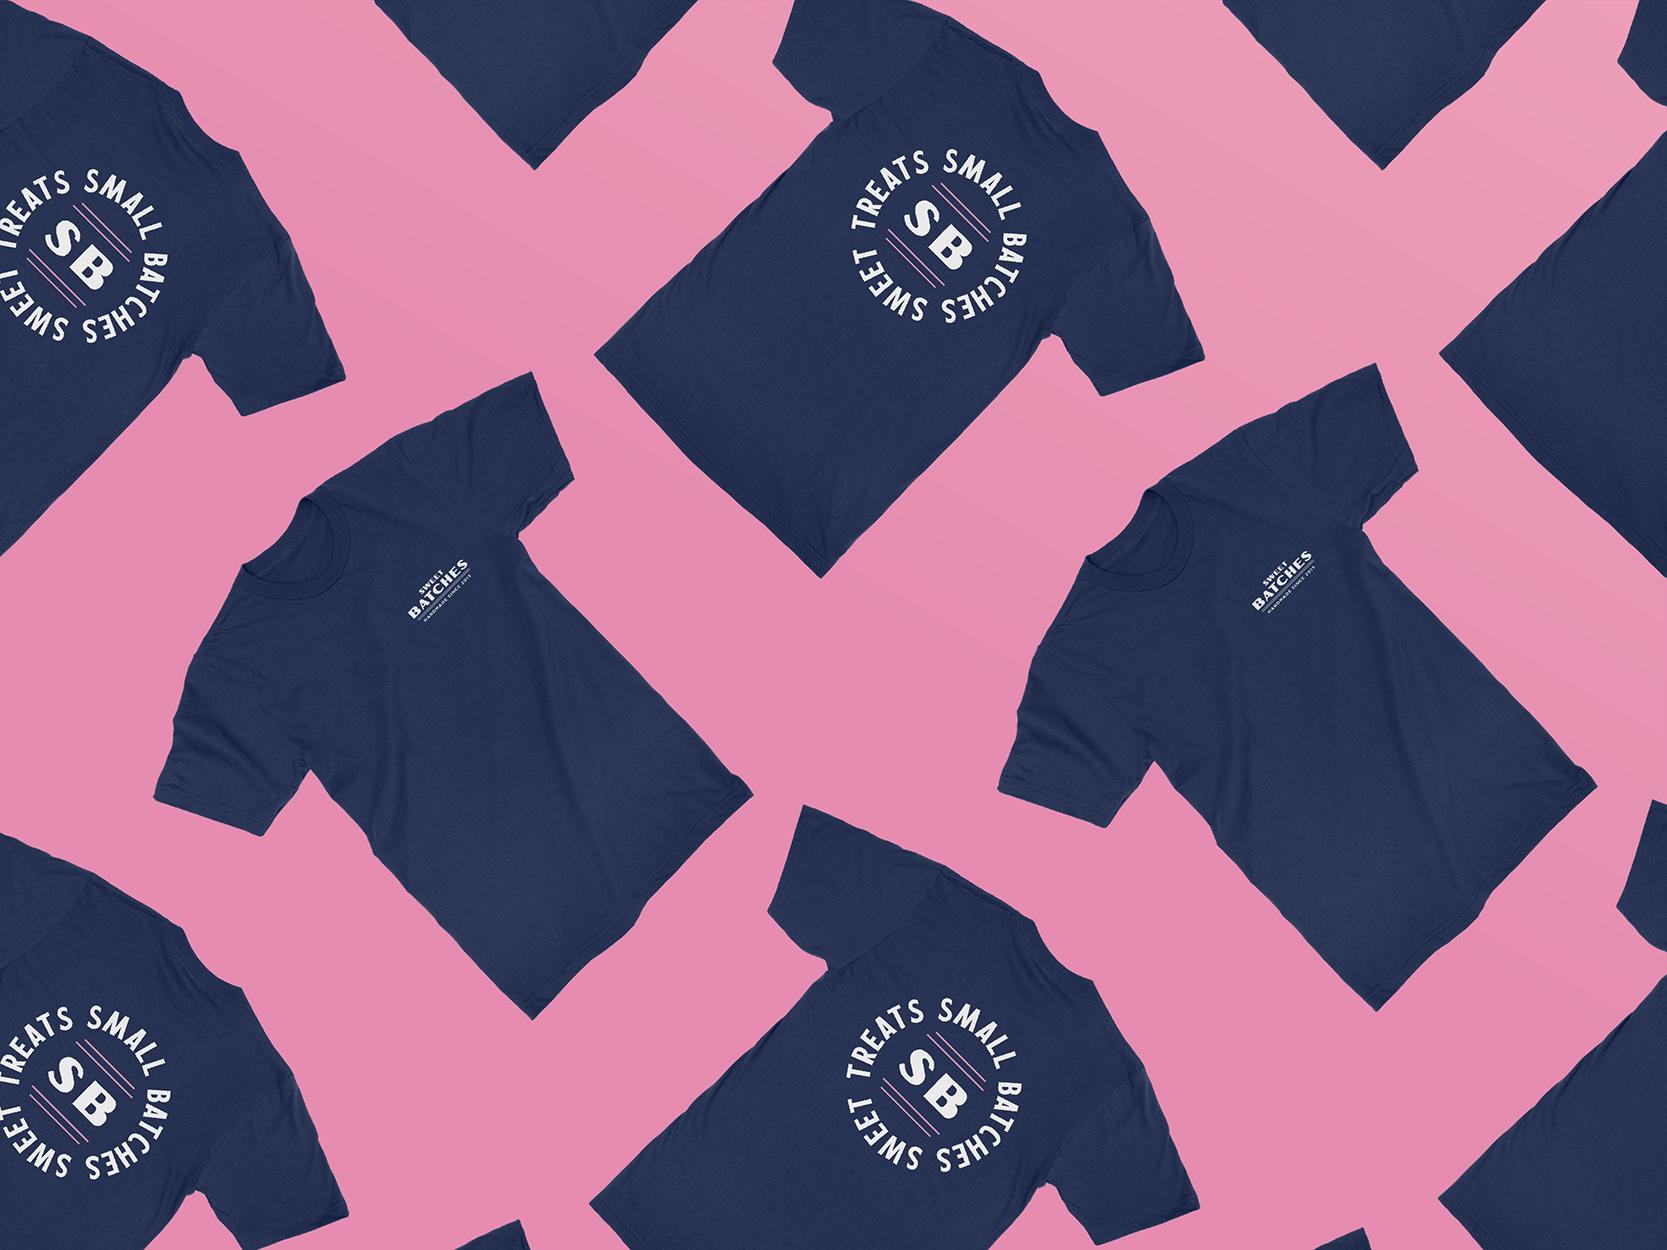 shirt_mockup-02.png